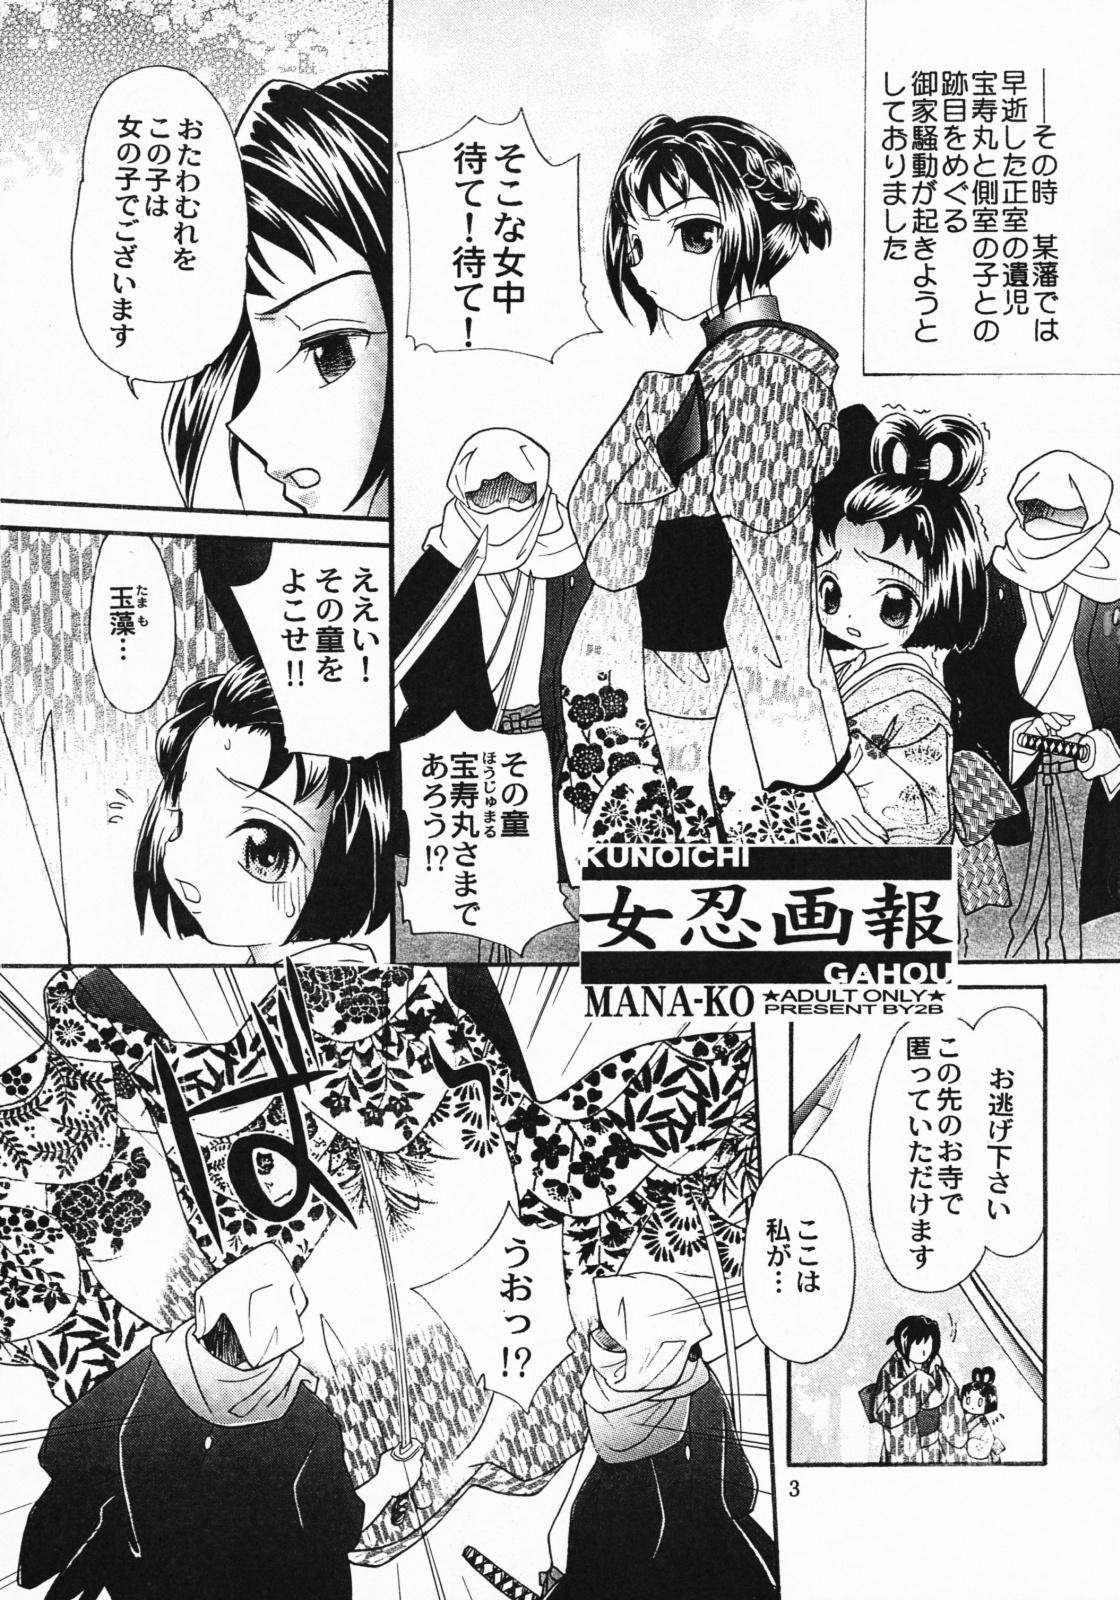 Kunoichi Gahou 3 1